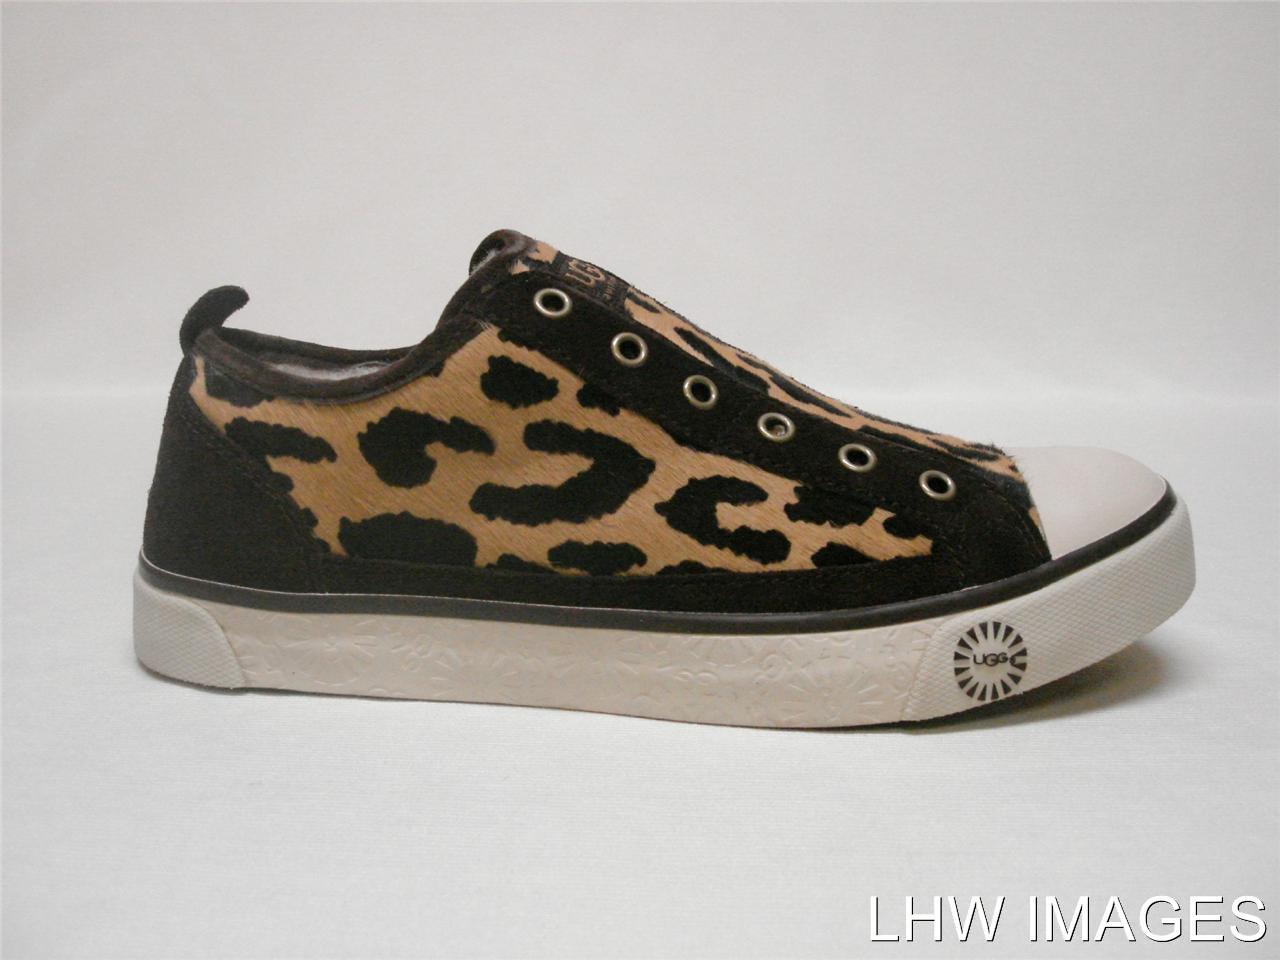 130 nib ugg australia w laela cheetah haircalf